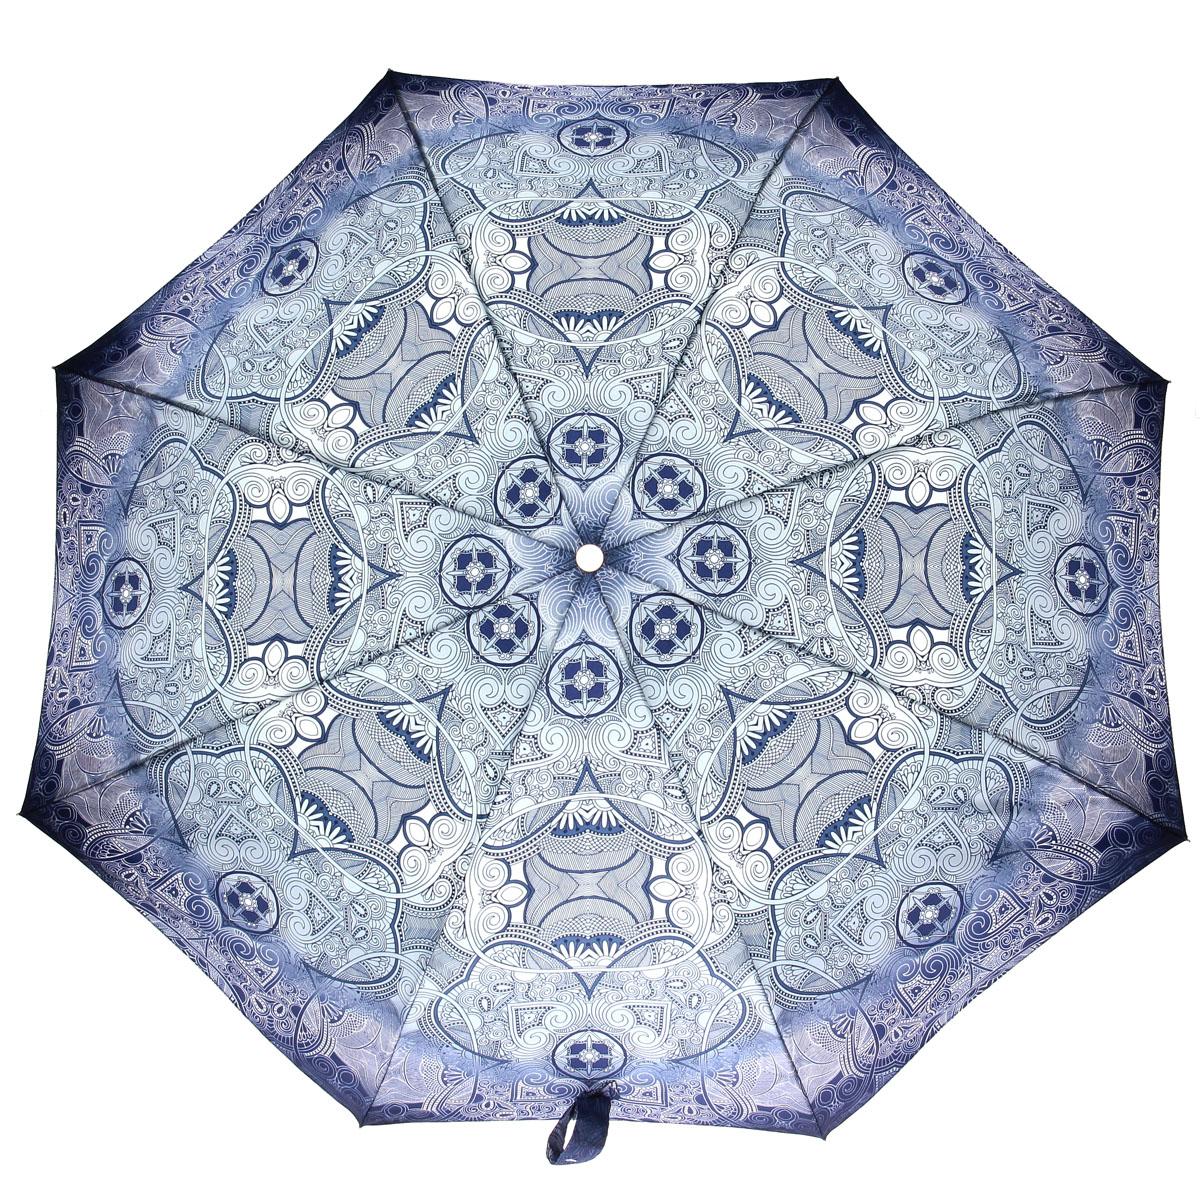 Зонт женский Doppler, автомат, 3 сложения, цвет: голубой, темно-синий, белый. 74660FGA74660FGAСтильный автоматический зонт Doppler в 3 сложения даже в ненастную погоду позволит вам оставаться стильной и элегантной. Каркас зонта из стали состоит из восьми карбоновых спиц и оснащен удобной пластиковой рукояткой. Зонт имеет автоматический механизм сложения: купол открывается и закрывается нажатием кнопки на рукоятке, стержень складывается вручную до характерного щелчка, благодаря чему открыть и закрыть зонт можно одной рукой, что чрезвычайно удобно при входе в транспорт или помещение. Купол зонта выполнен из прочного сатина и оформлен изображением оригинального орнамента. Закрытый купол фиксируется хлястиком на кнопке. На рукоятке для удобства есть небольшой шнурок-петля, позволяющий надеть зонт на руку тогда, когда это будет необходимо. К зонту прилагается чехол.